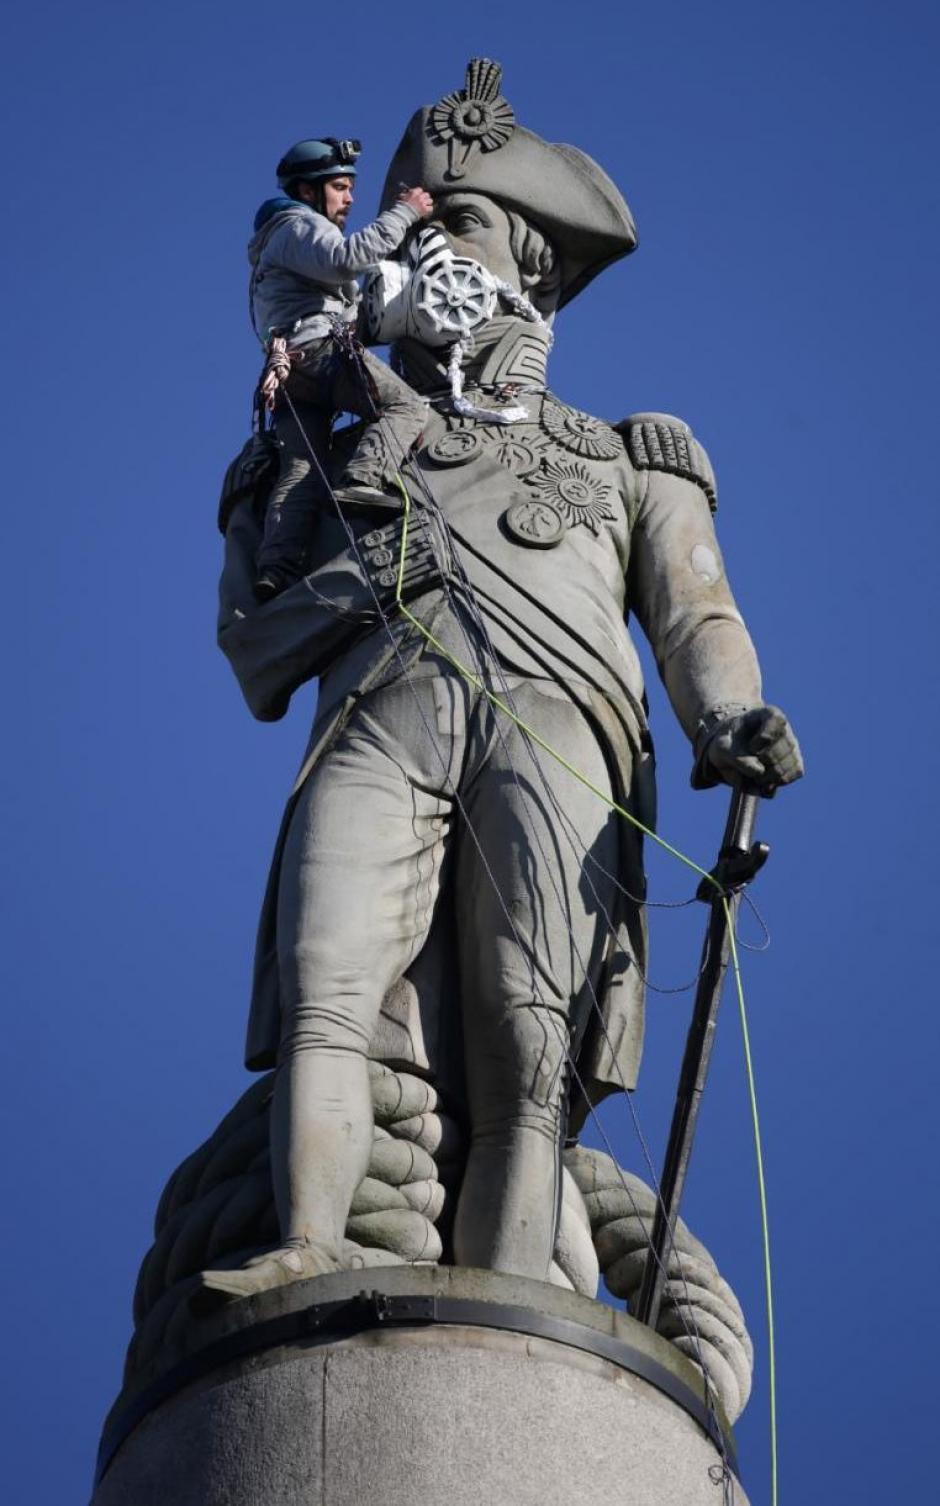 Una máscara para limpiar el aire fue colocada sobre la estatua de Lord Nelson, esto como parte de las actividades de Greenpeace. (Foto: Leon Neal/AFP)